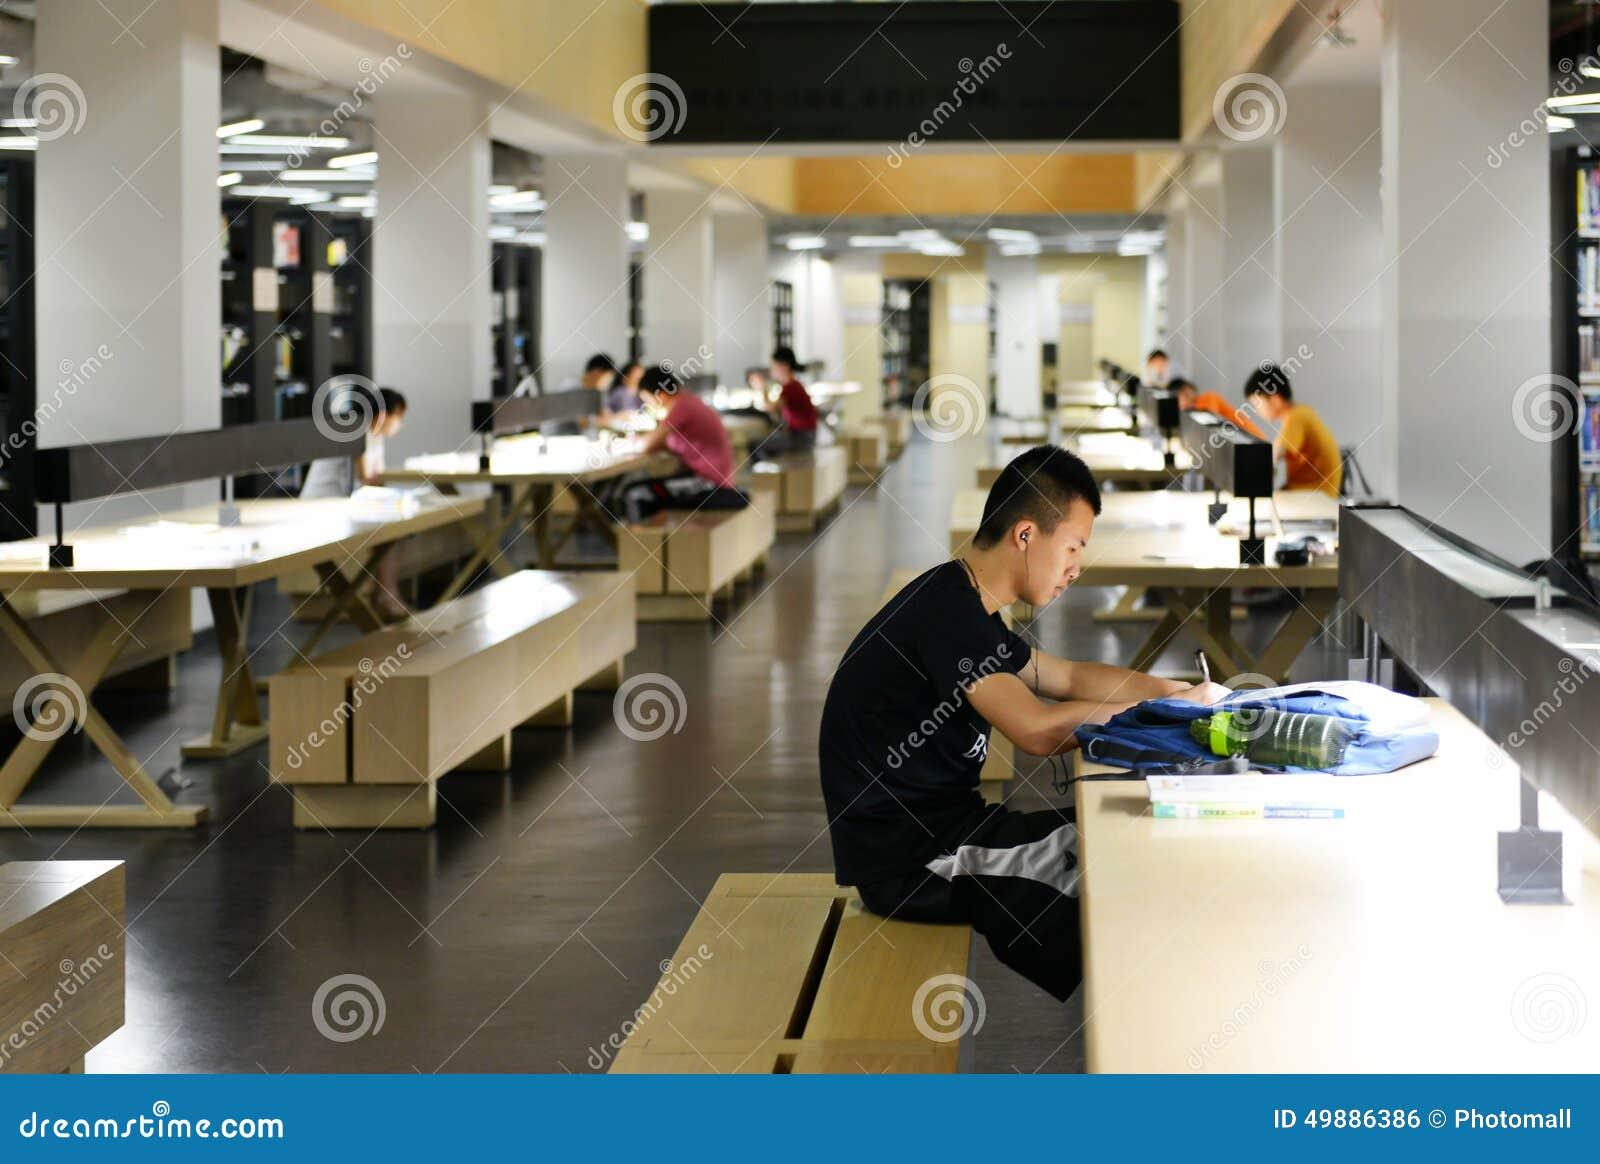 Dentro Della Biblioteca Universitaria Moderna, La Gente Che Legge ...